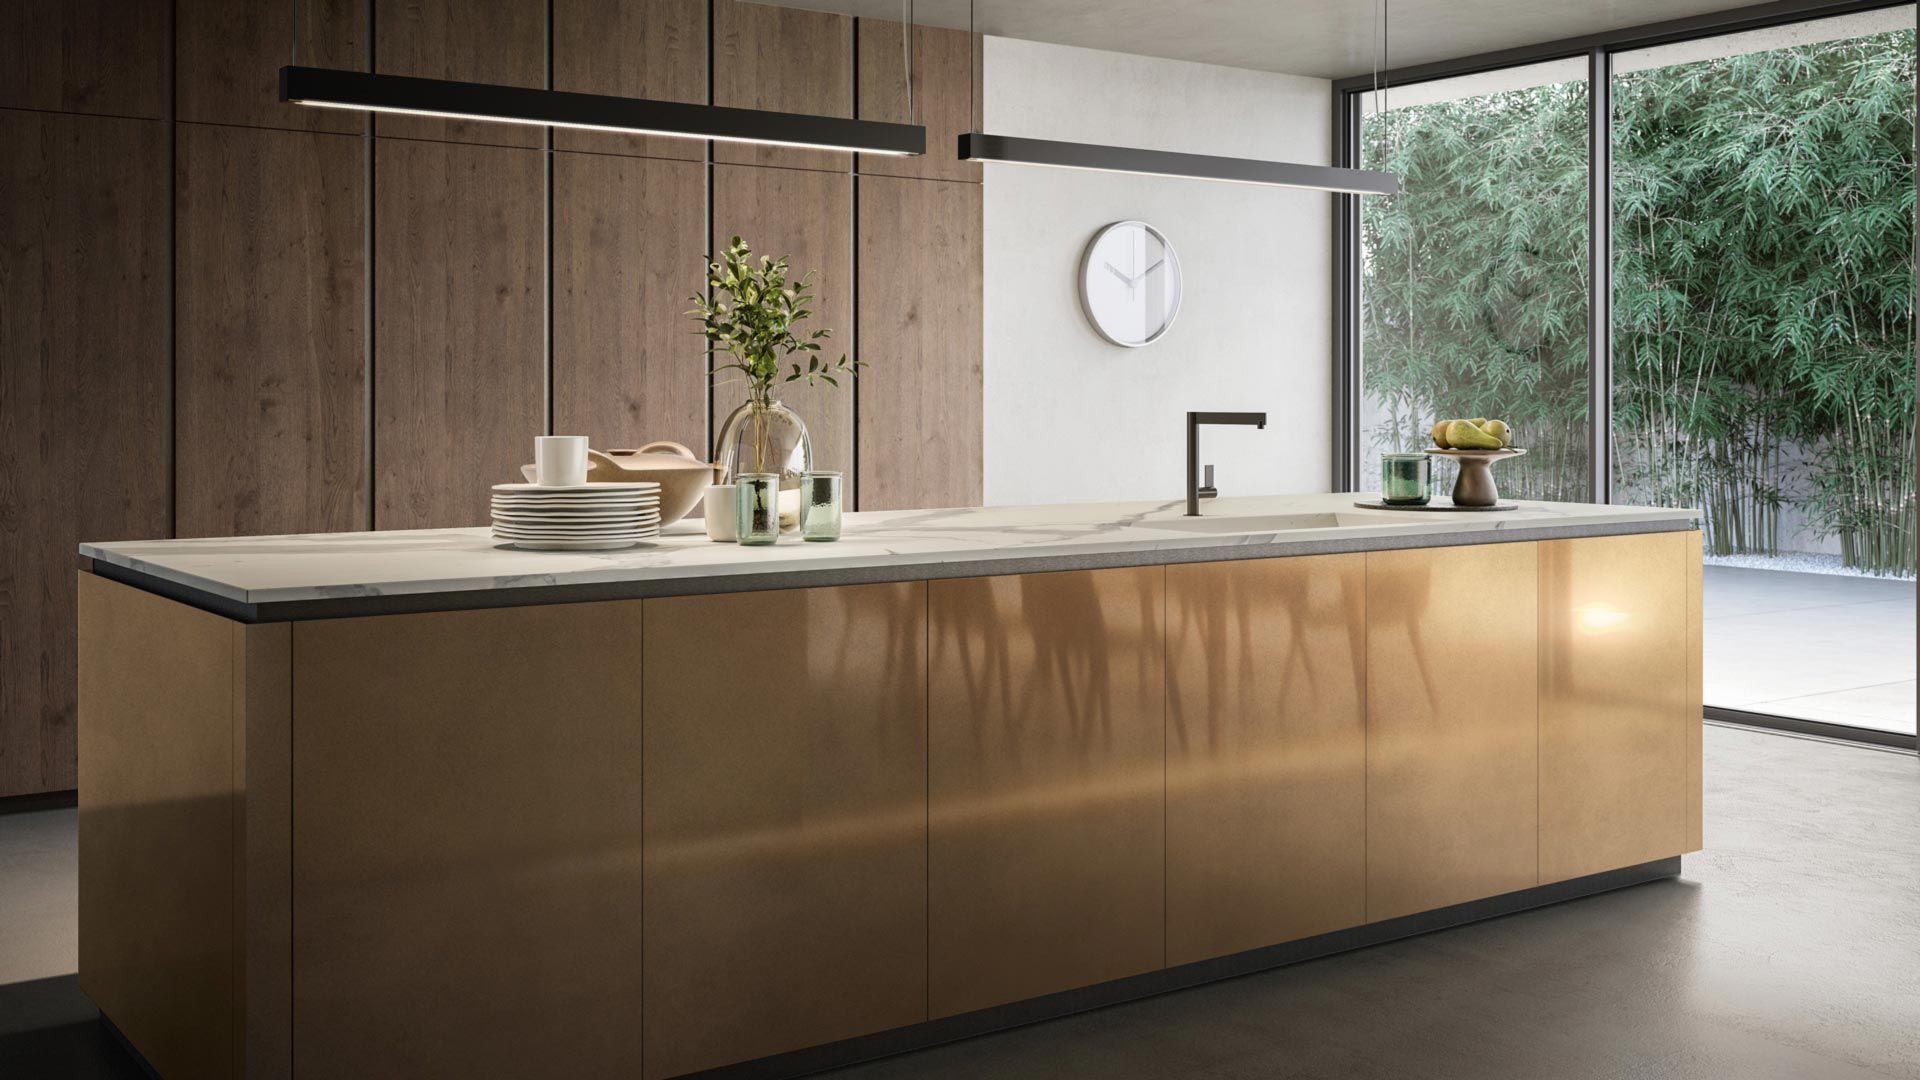 Sadecc News Home1 Low Cuisine Metal Architecte Interieur Cuisines Maison